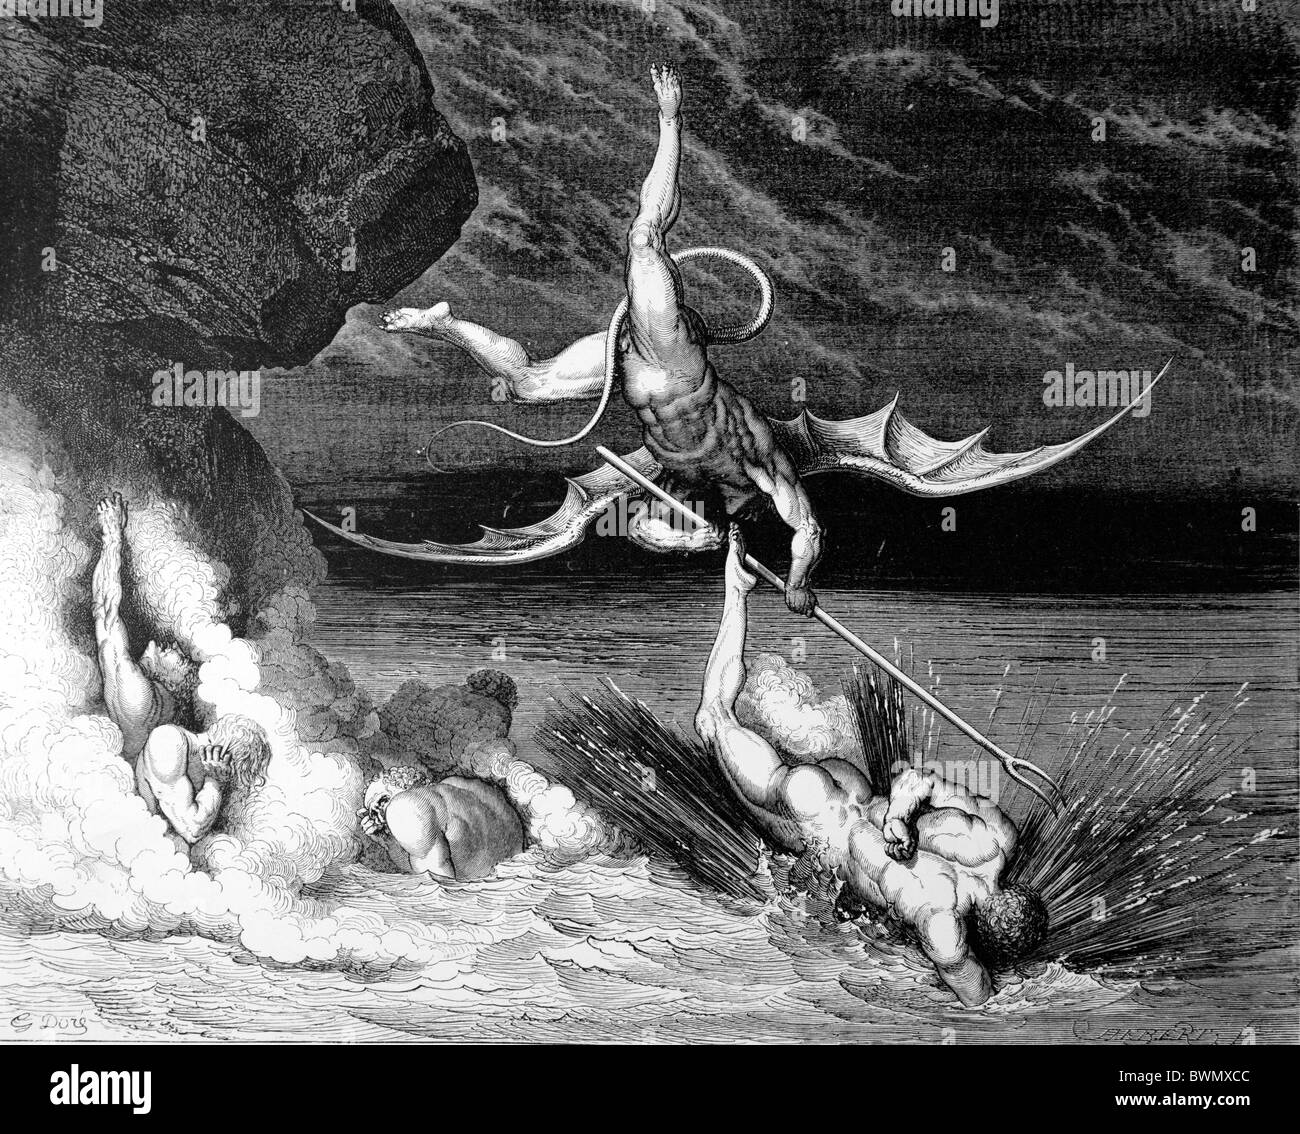 Gustave Doré; un vuelo y búsqueda en el infierno de Dante la Divina Comedia Aghlieri; grabado en blanco Imagen De Stock